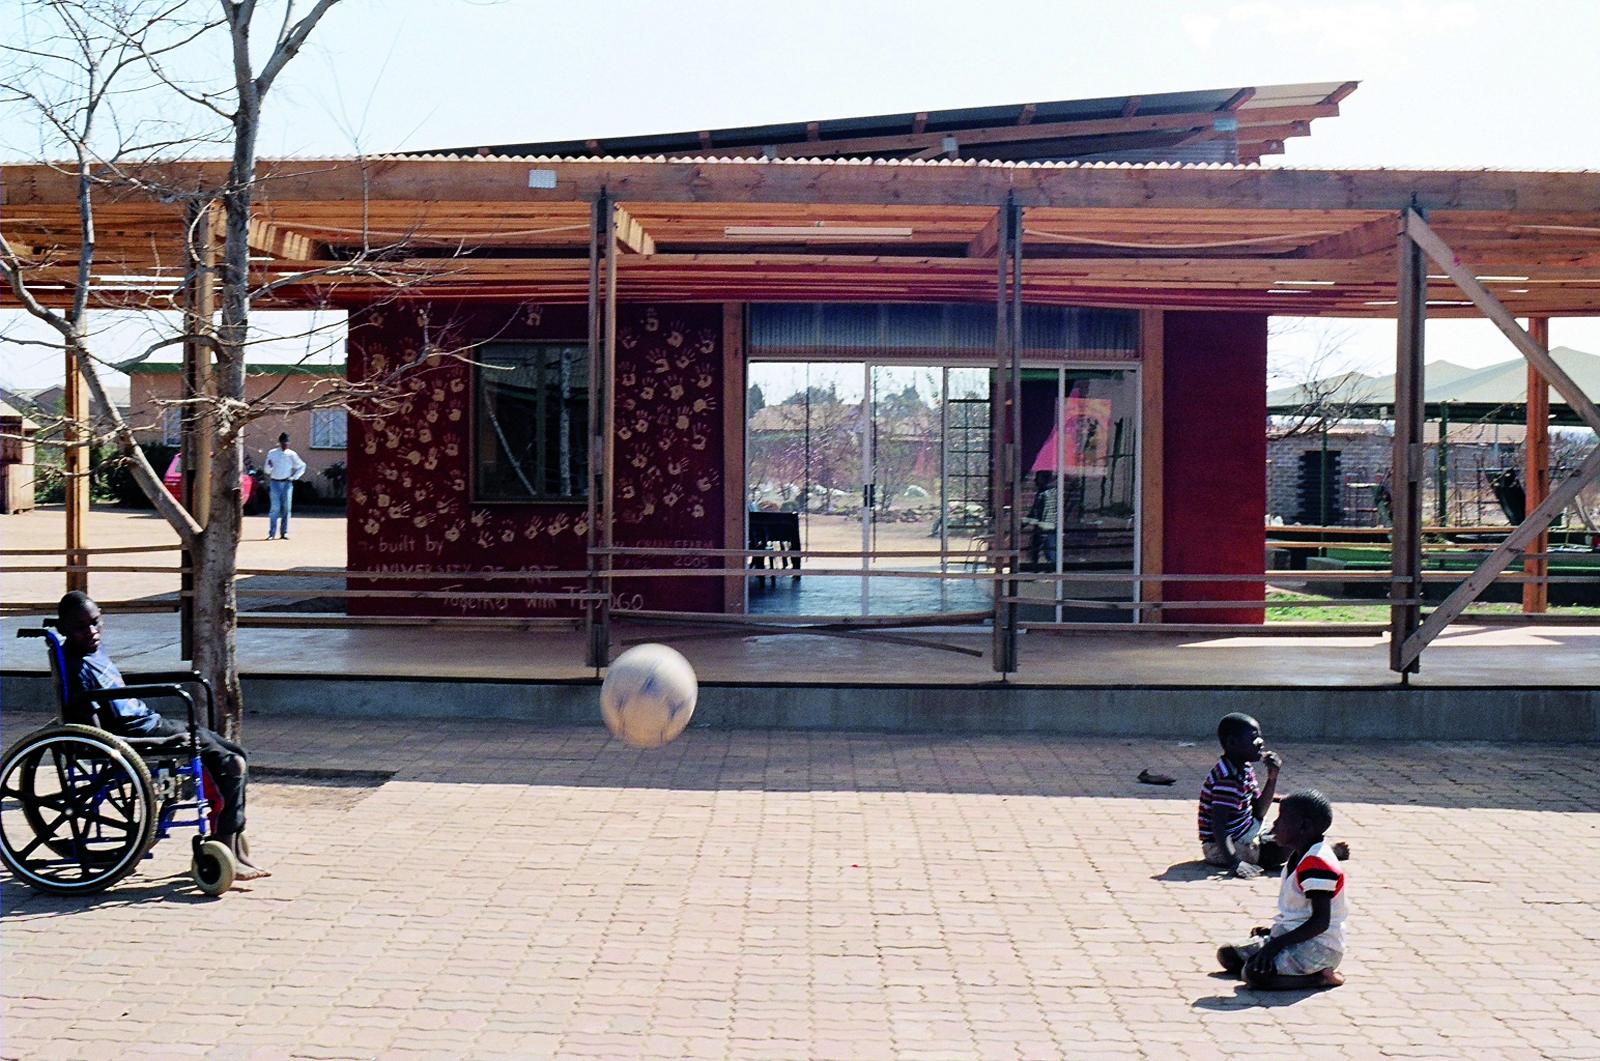 Das projekt TEBOGO im Südwesten Johannesburgs. © Sabine Gretner